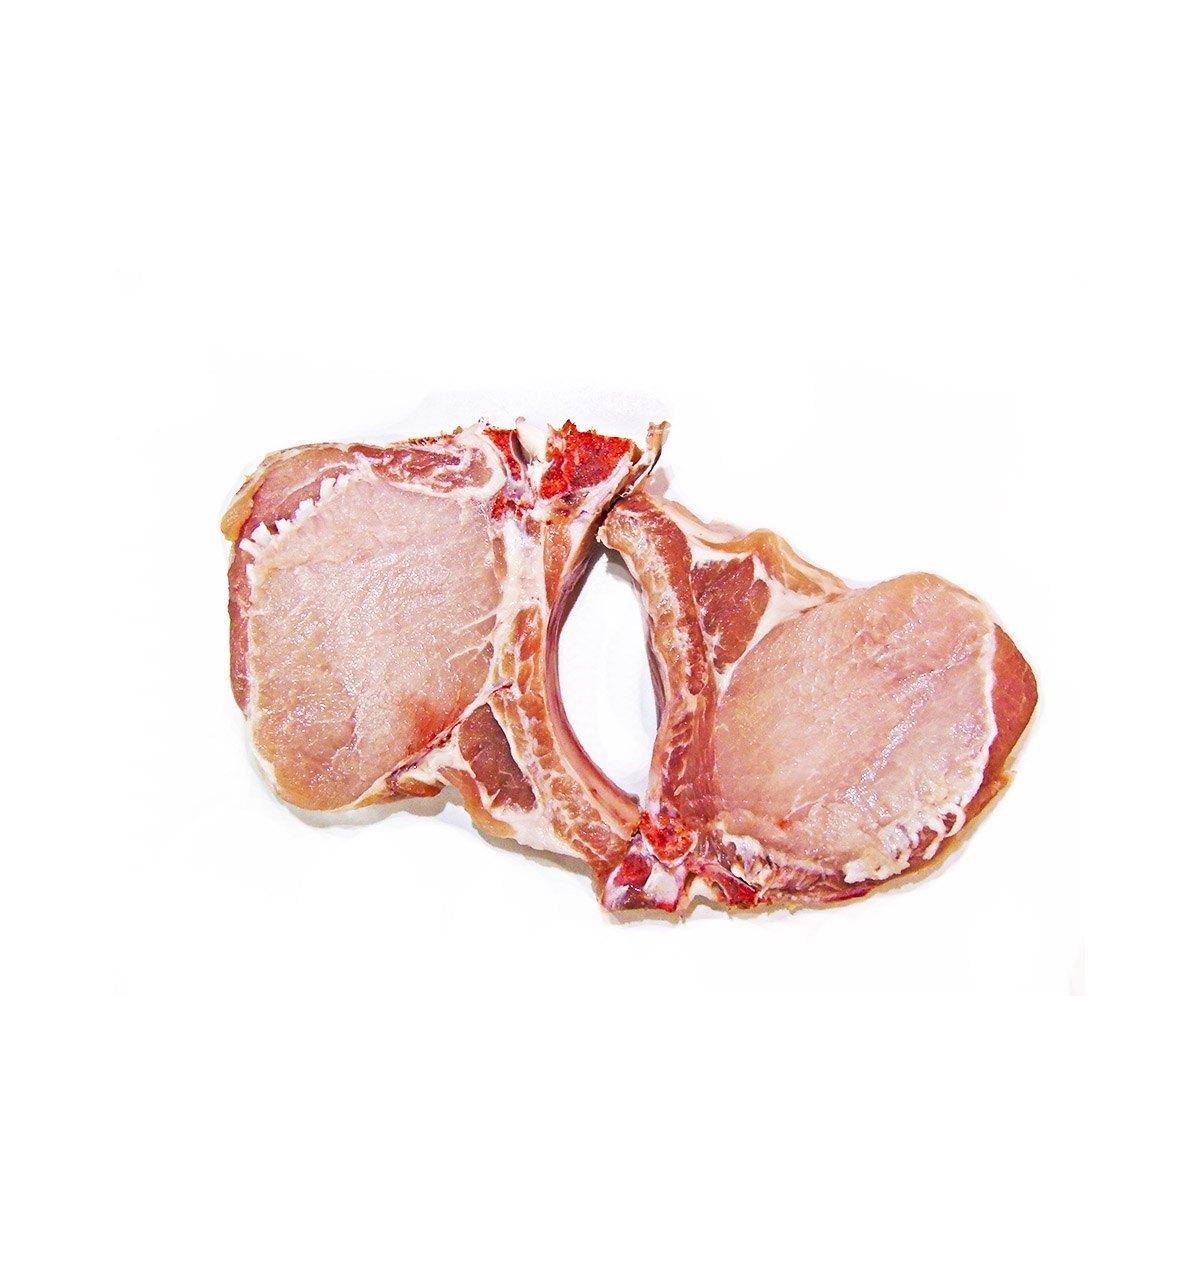 Comprar Chuleta de cerdo